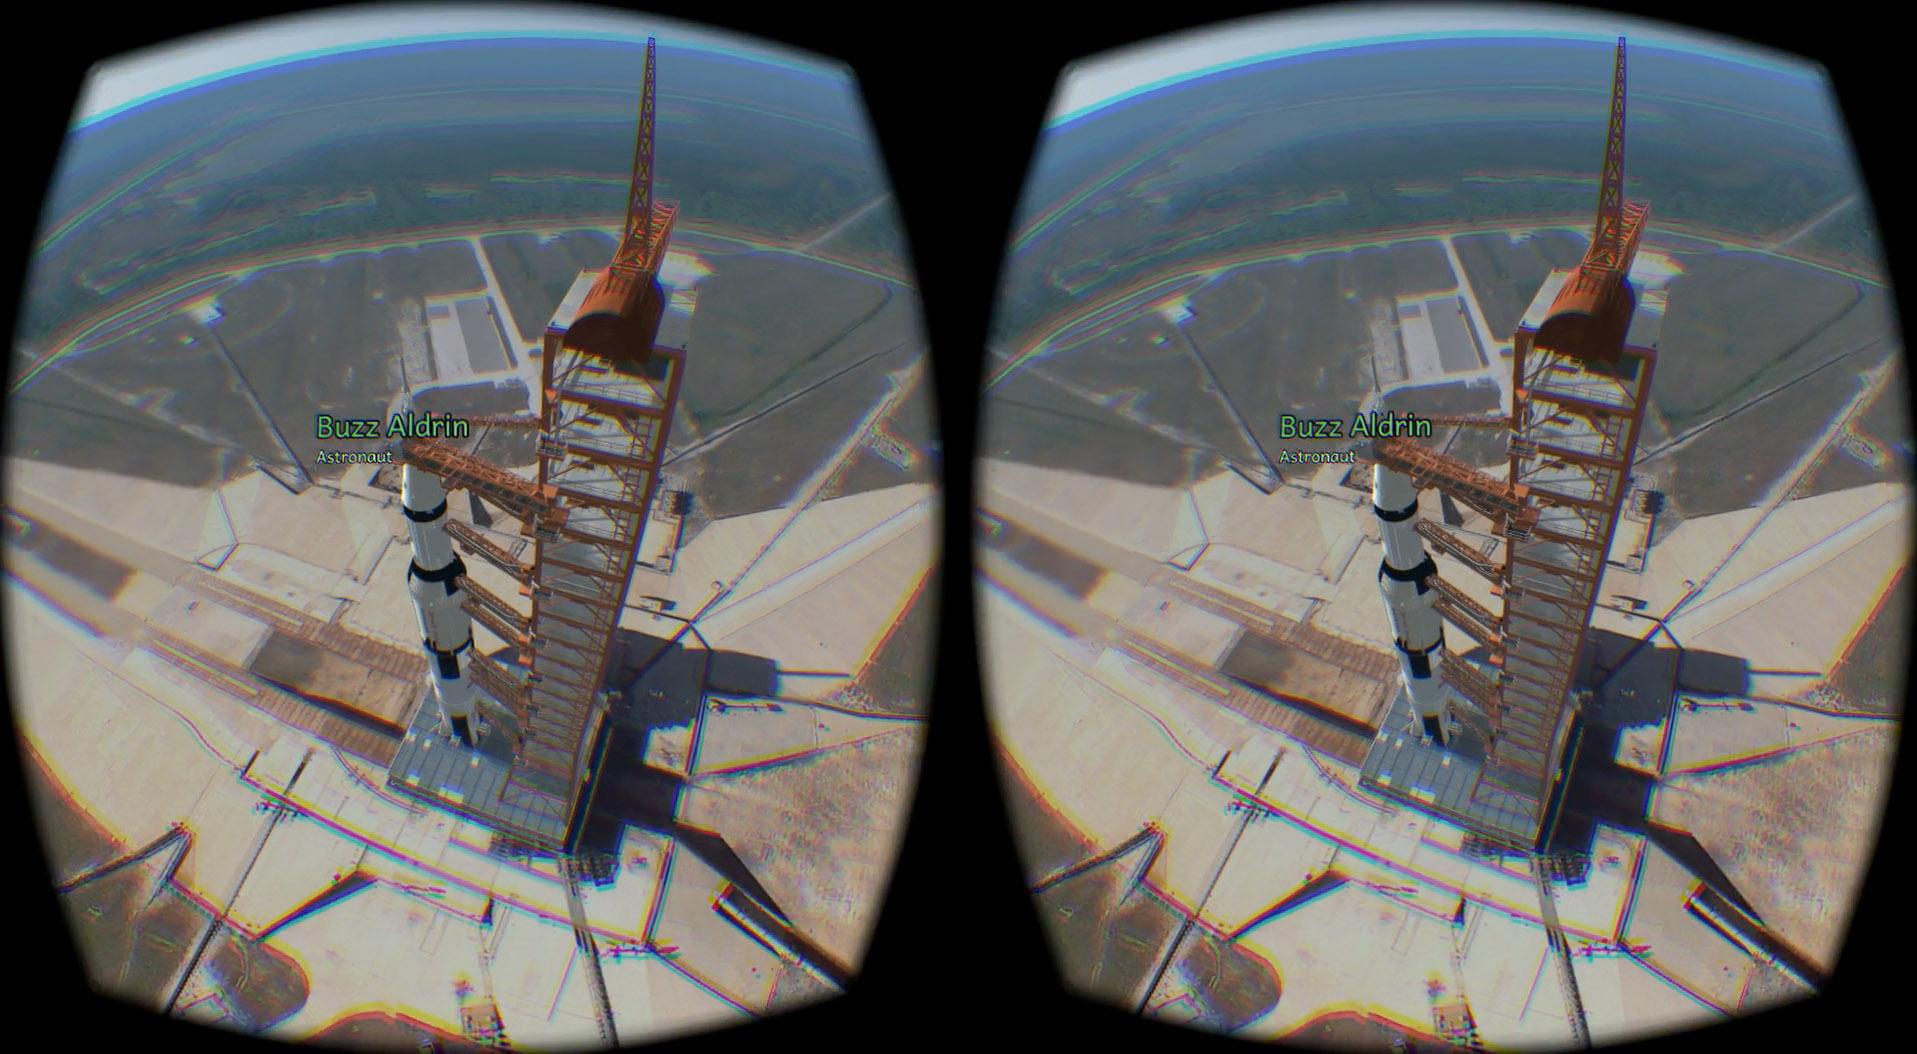 Apollo-Oculus-Rift-Demo-4